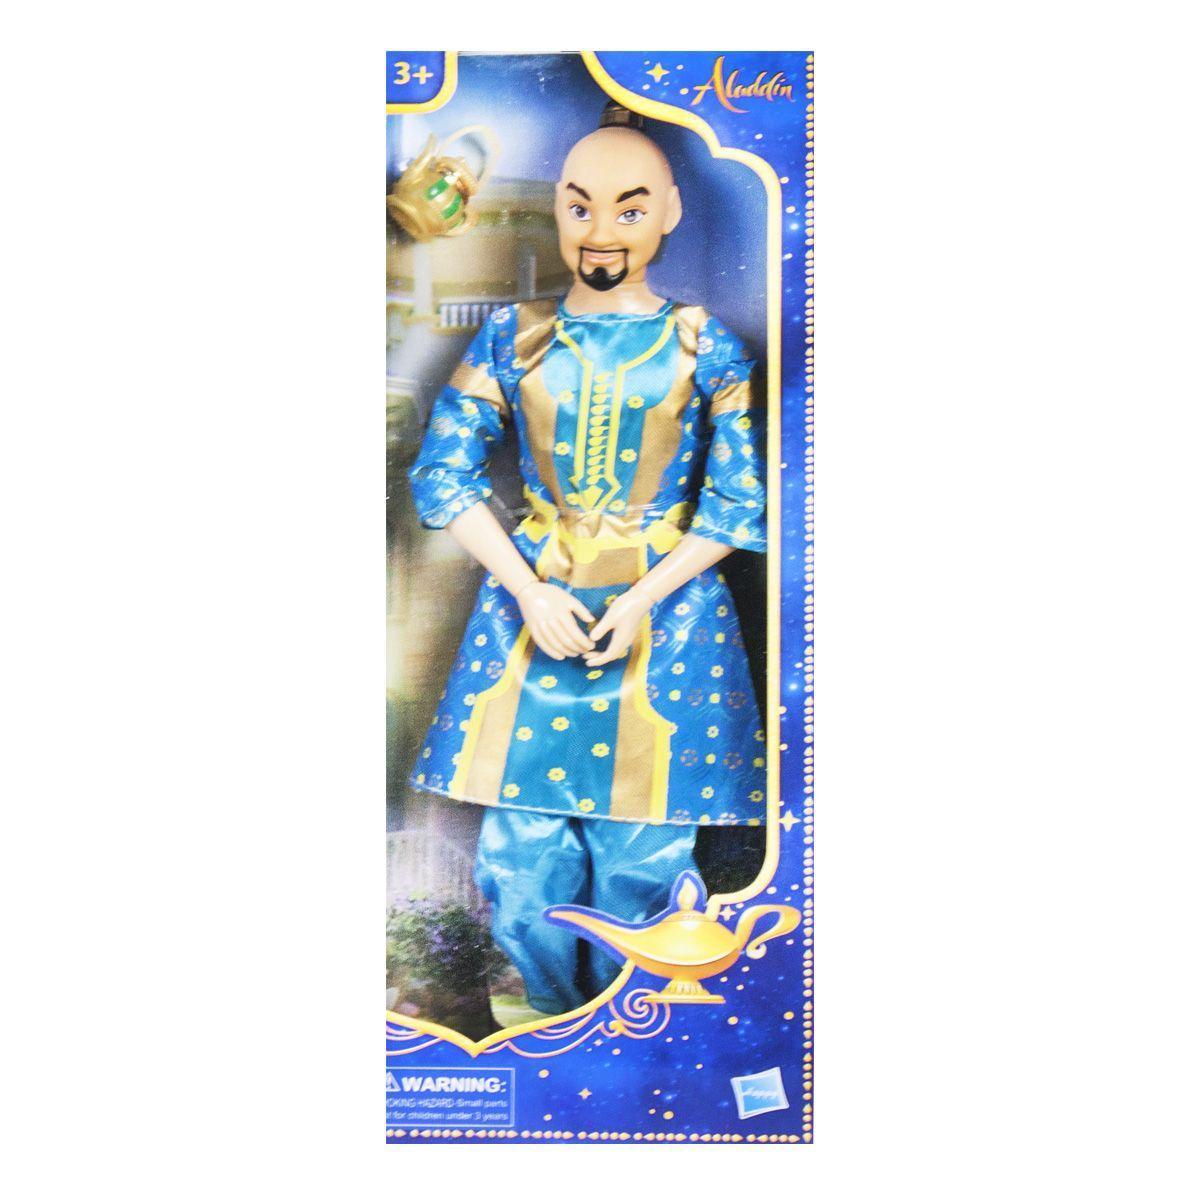 Кукла Джинн из м/ф Алладин